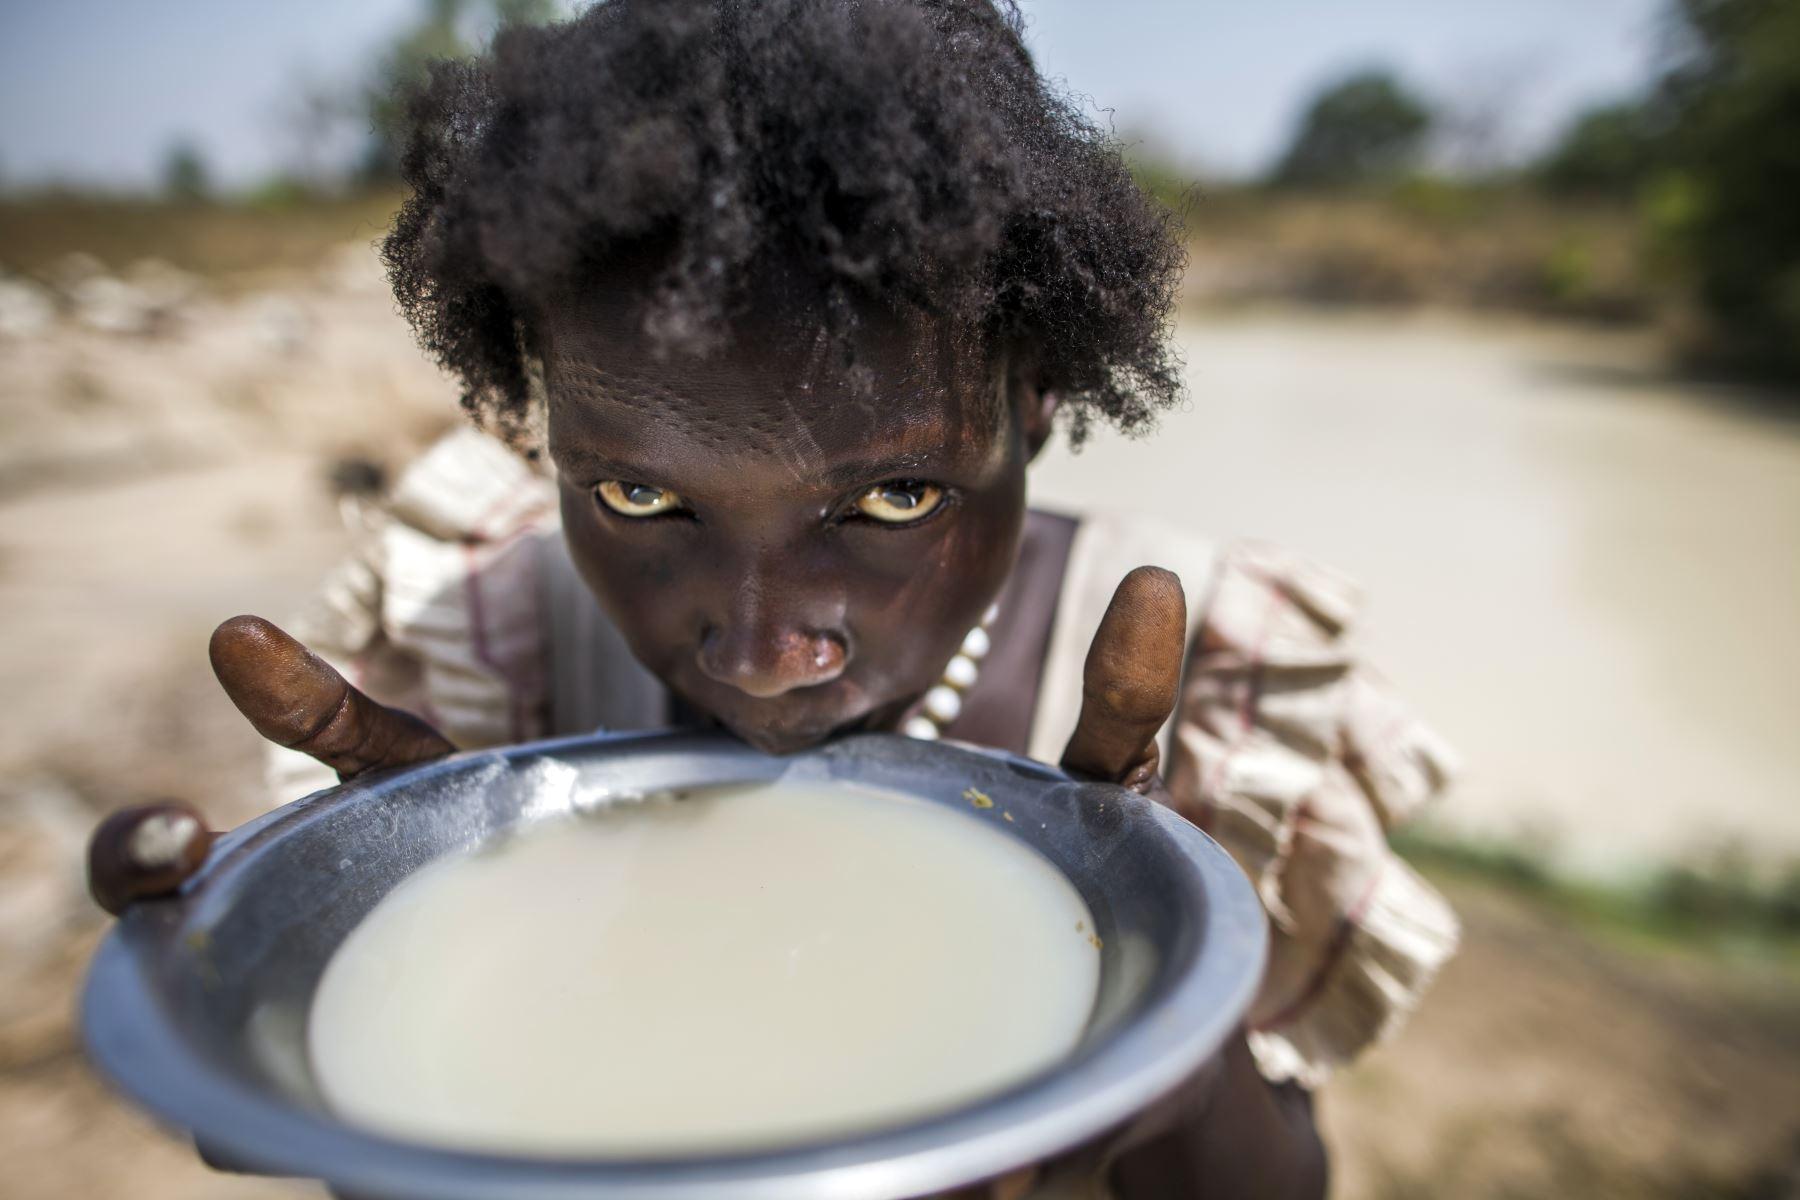 Recolecta y bebe agua  un campamento de desplazados de Barmayen  Sudán del Sur. AFP